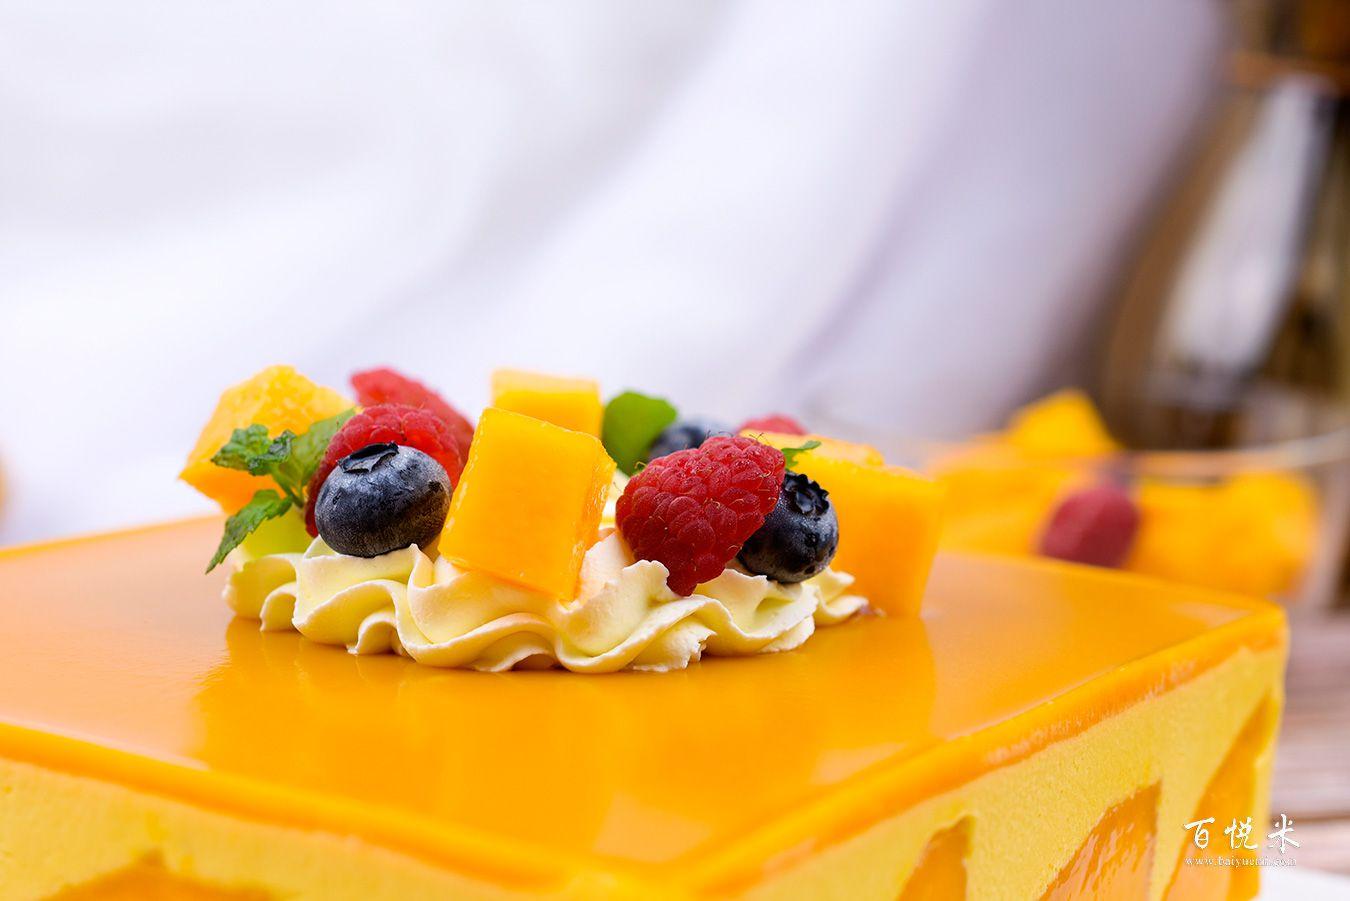 芒果慕斯蛋糕高清图片大全【蛋糕图片】_459